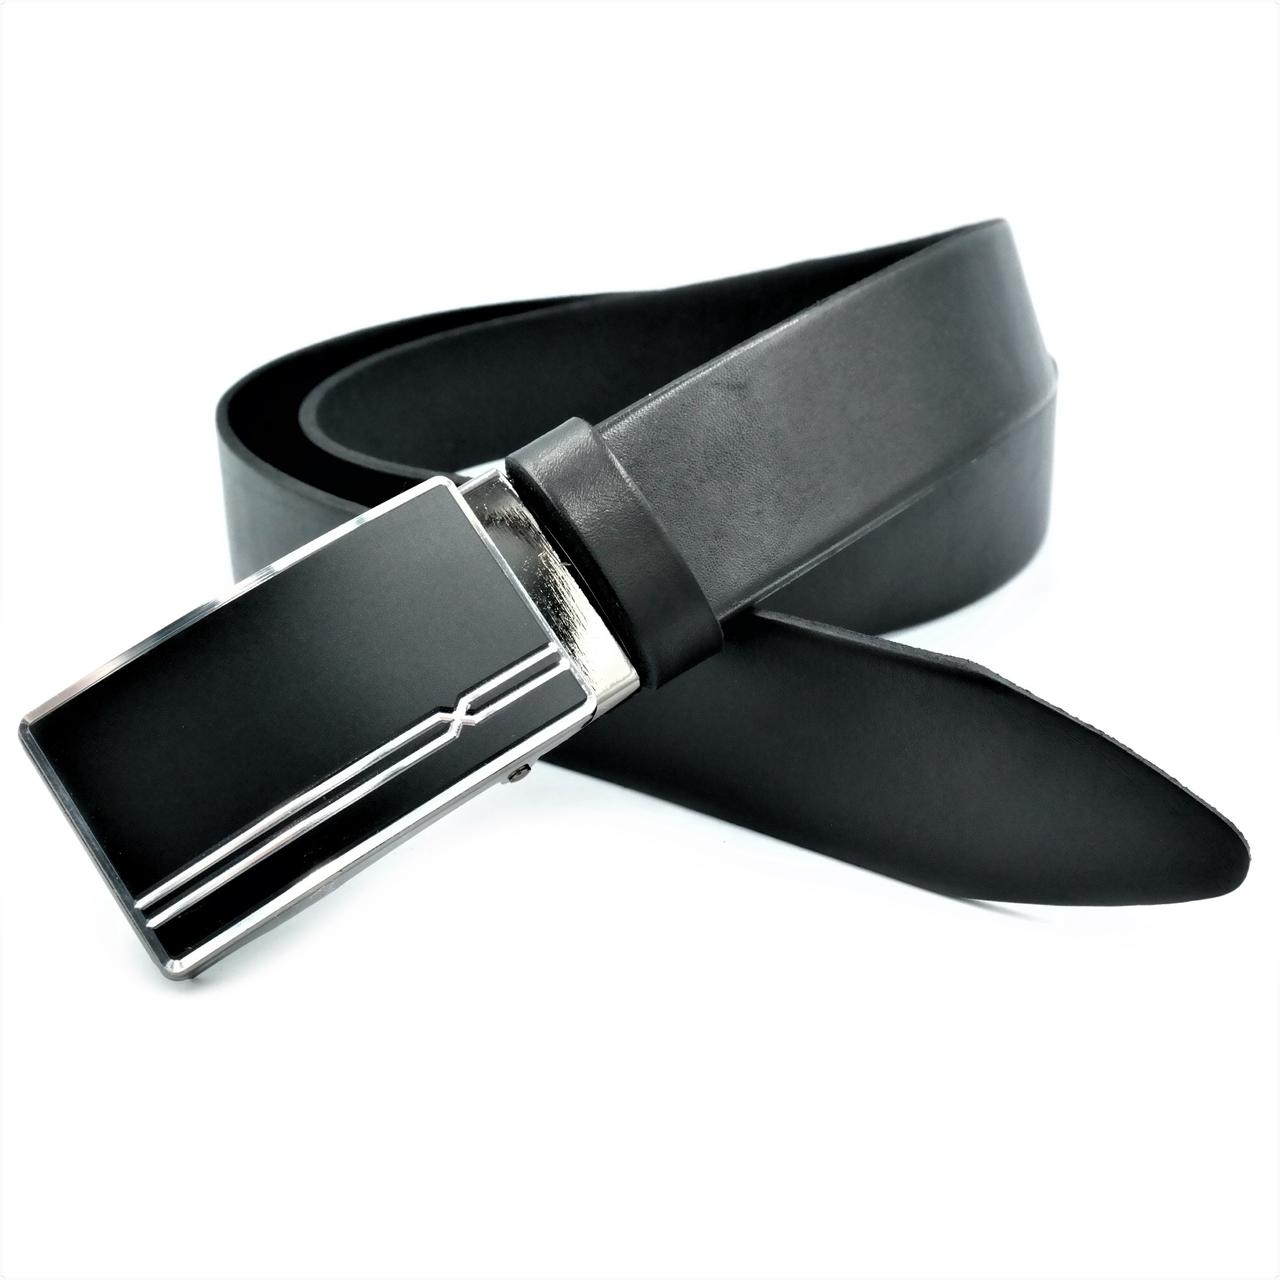 Мужской кожаный ремень Le-Mon 110-125 см Черный (nwm-35zjk-0003)